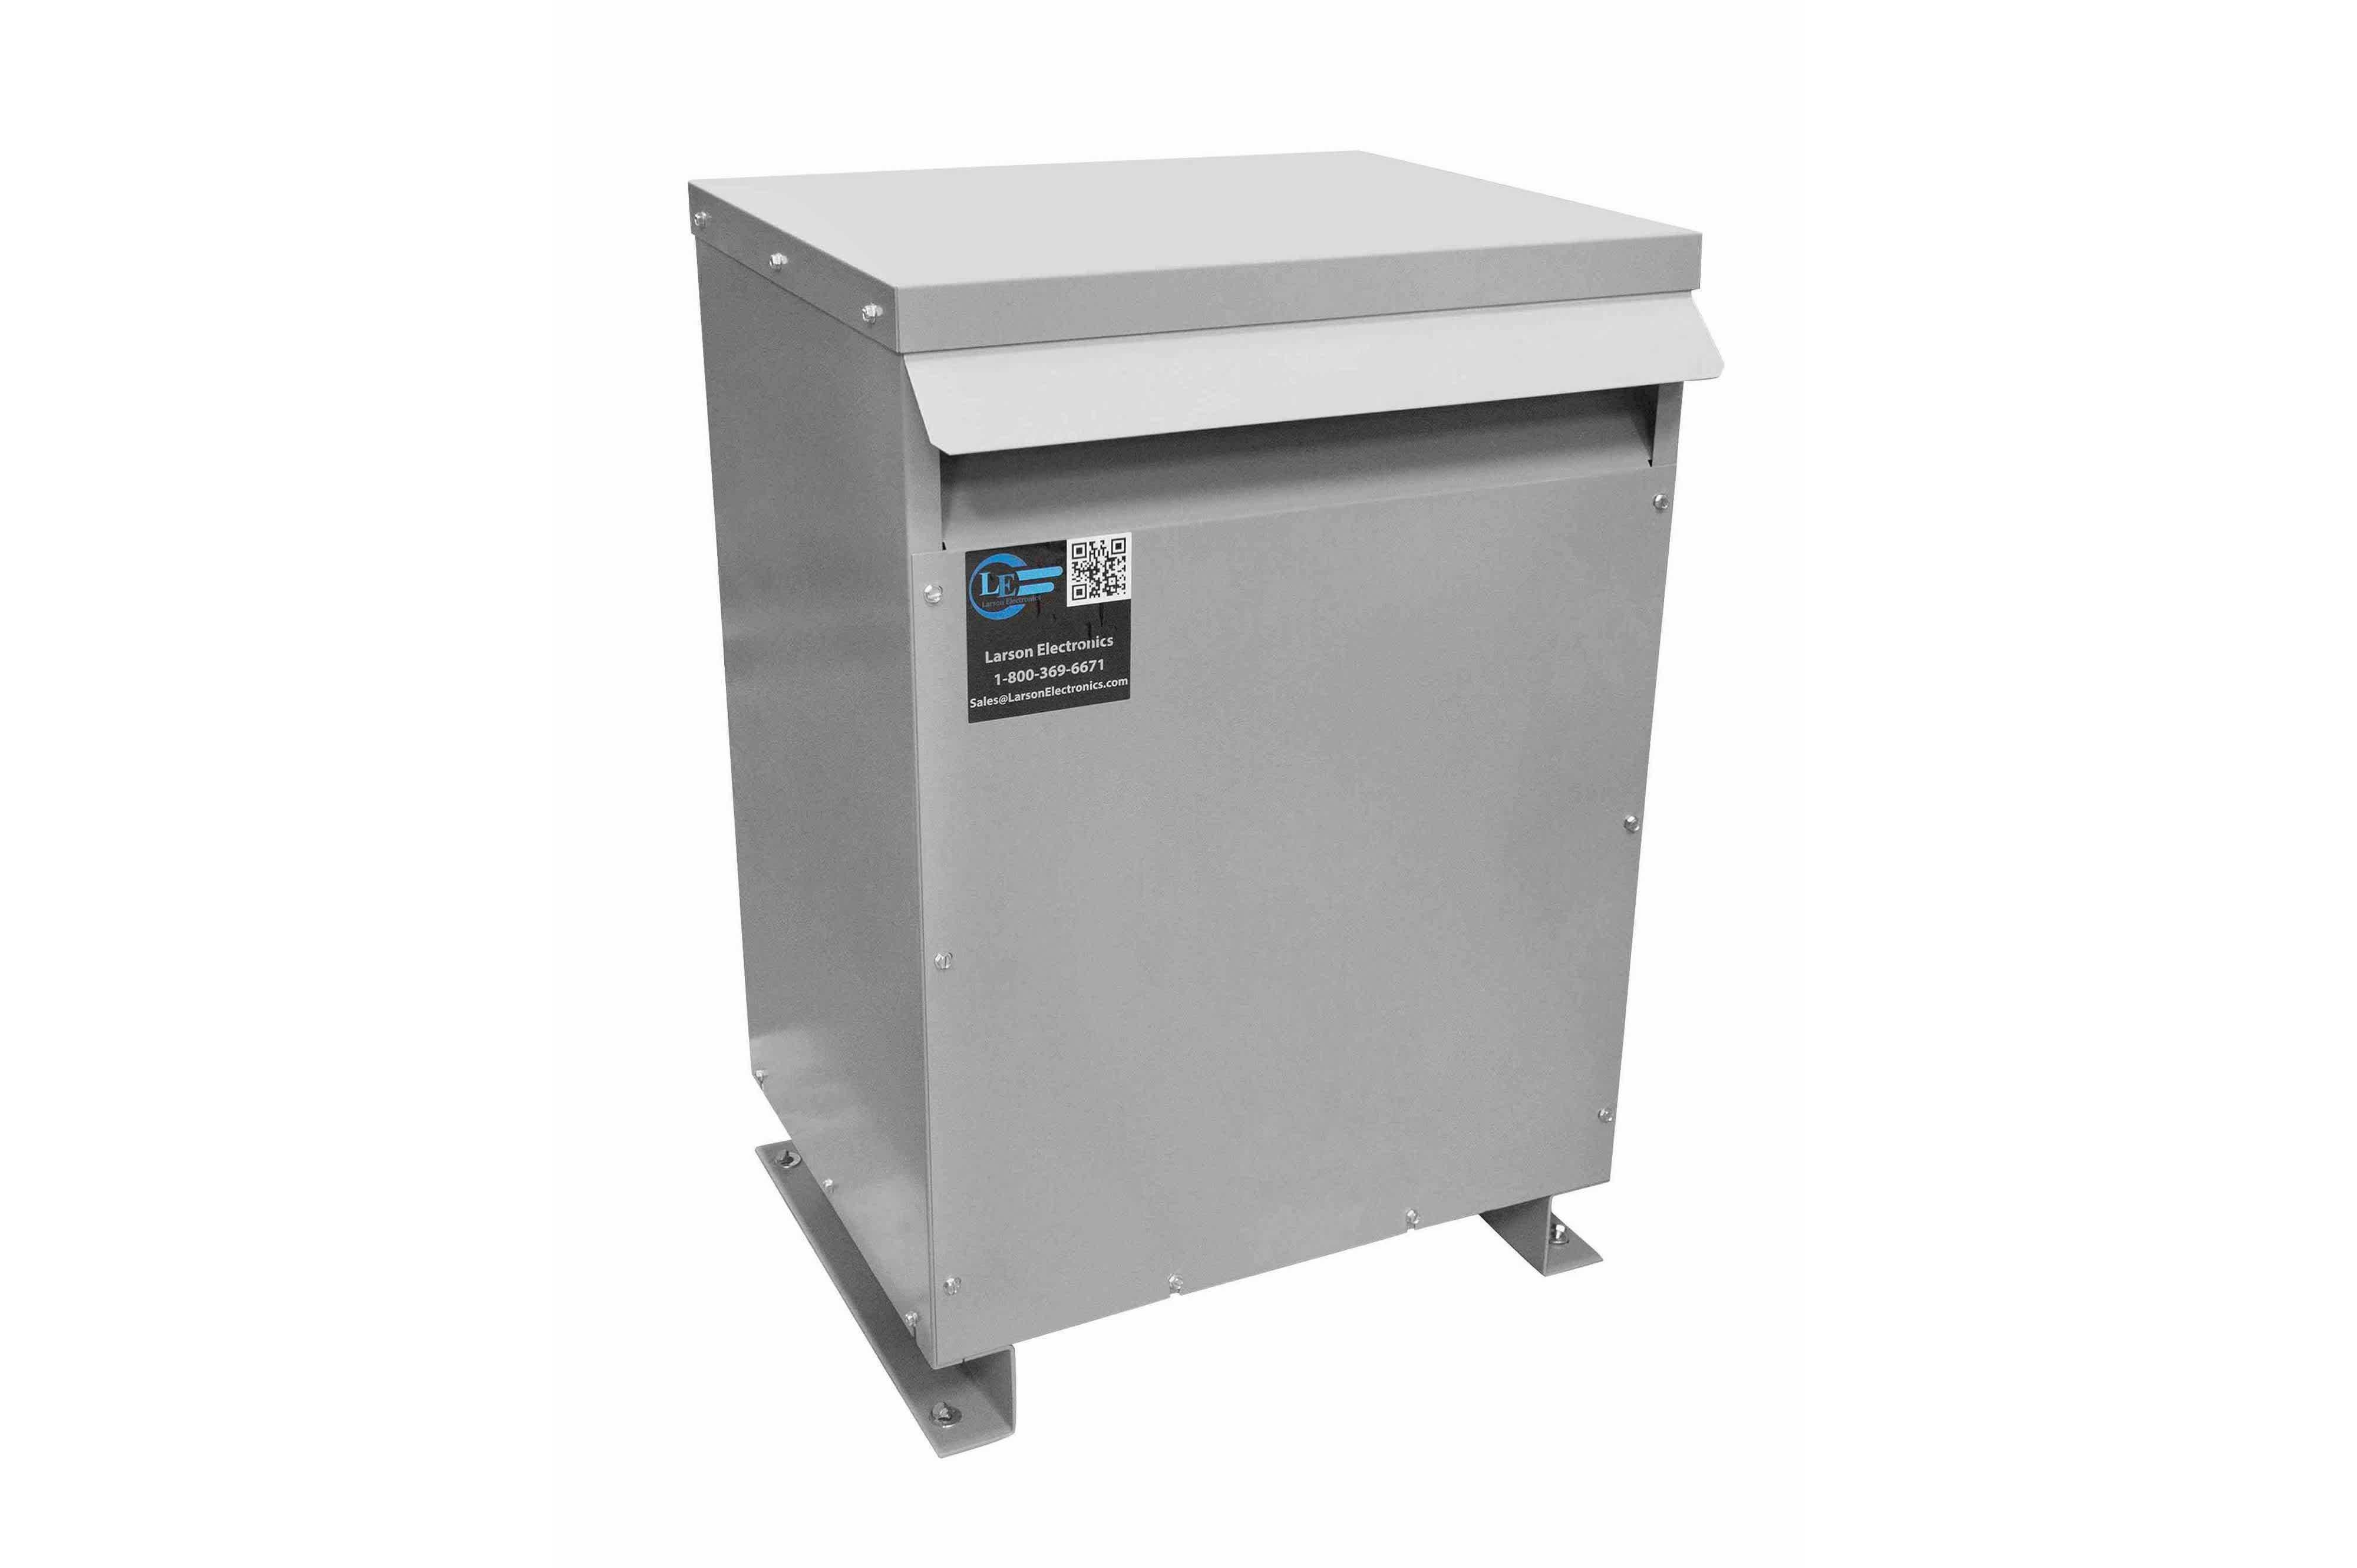 10 kVA 3PH Isolation Transformer, 240V Delta Primary, 400V Delta Secondary, N3R, Ventilated, 60 Hz